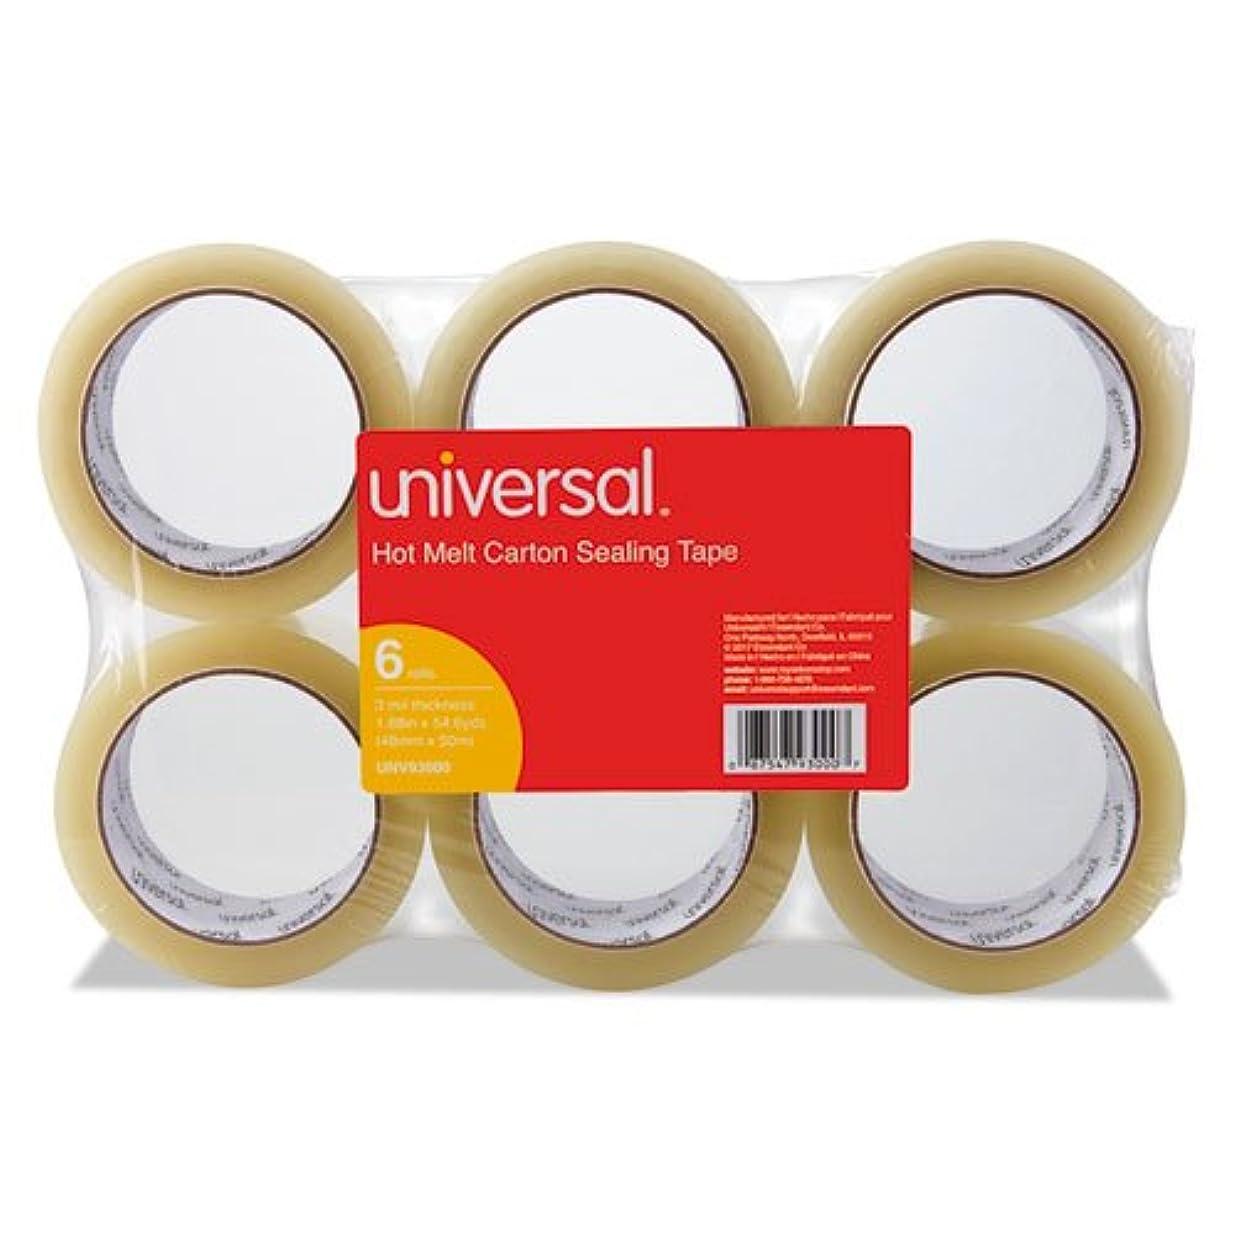 乏しい食器棚世紀ユニバーサル丈夫なボックスシーリングテープ、48?mm x 50?m 1つ、3インチコア、クリア、6?/パック